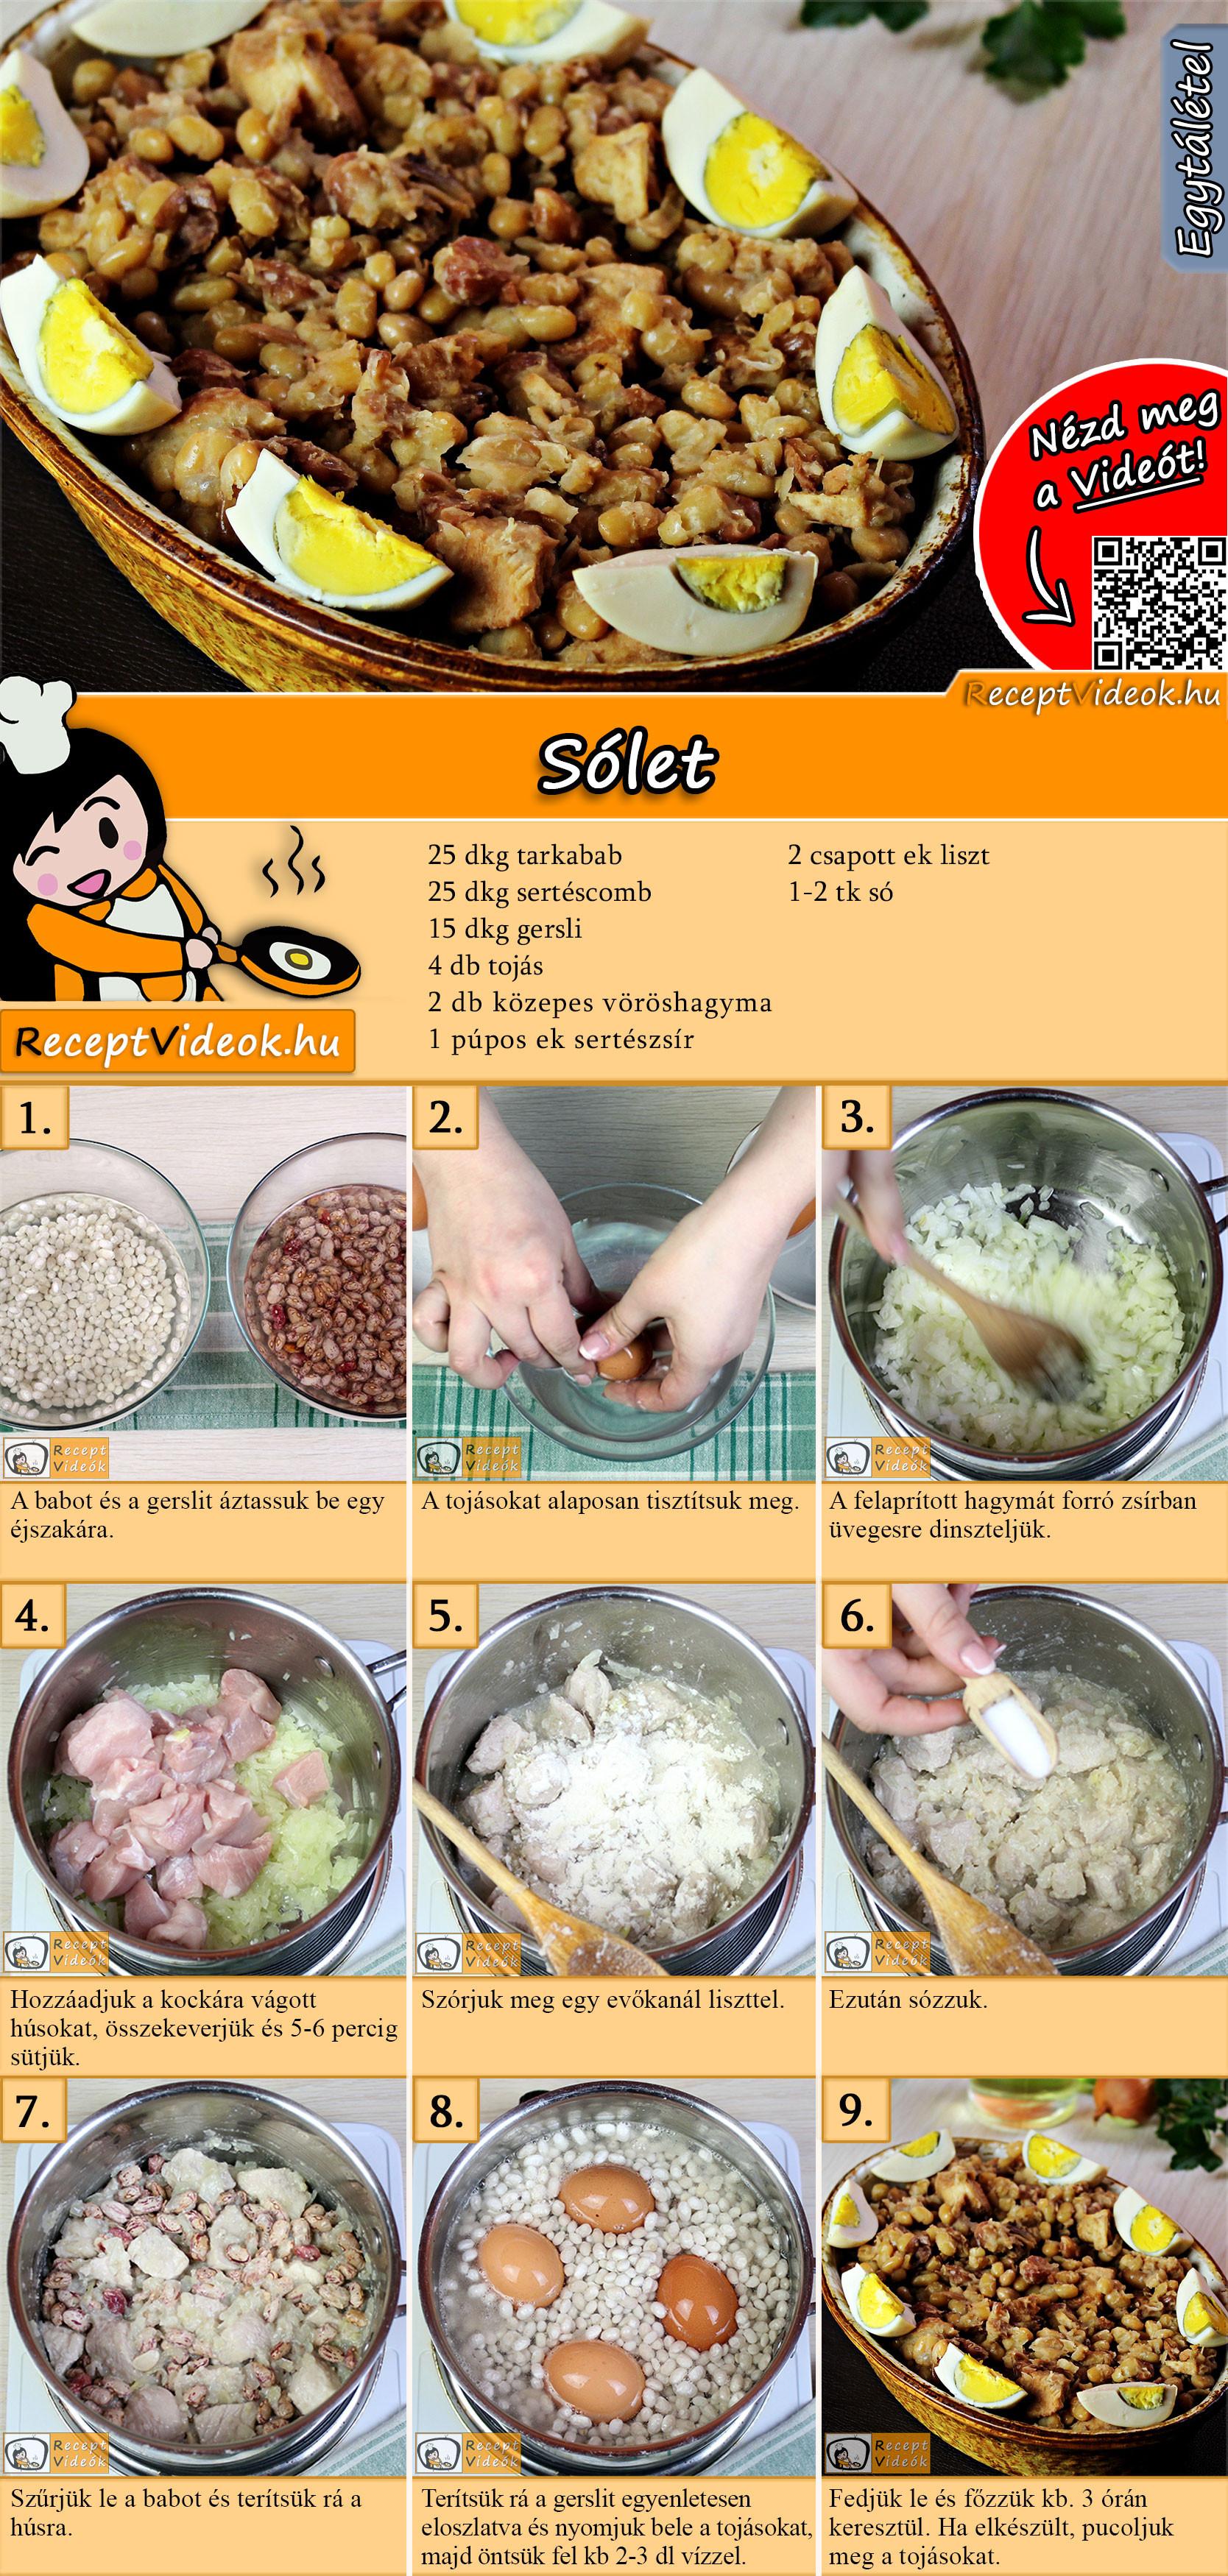 Sólet recept elkészítése videóval